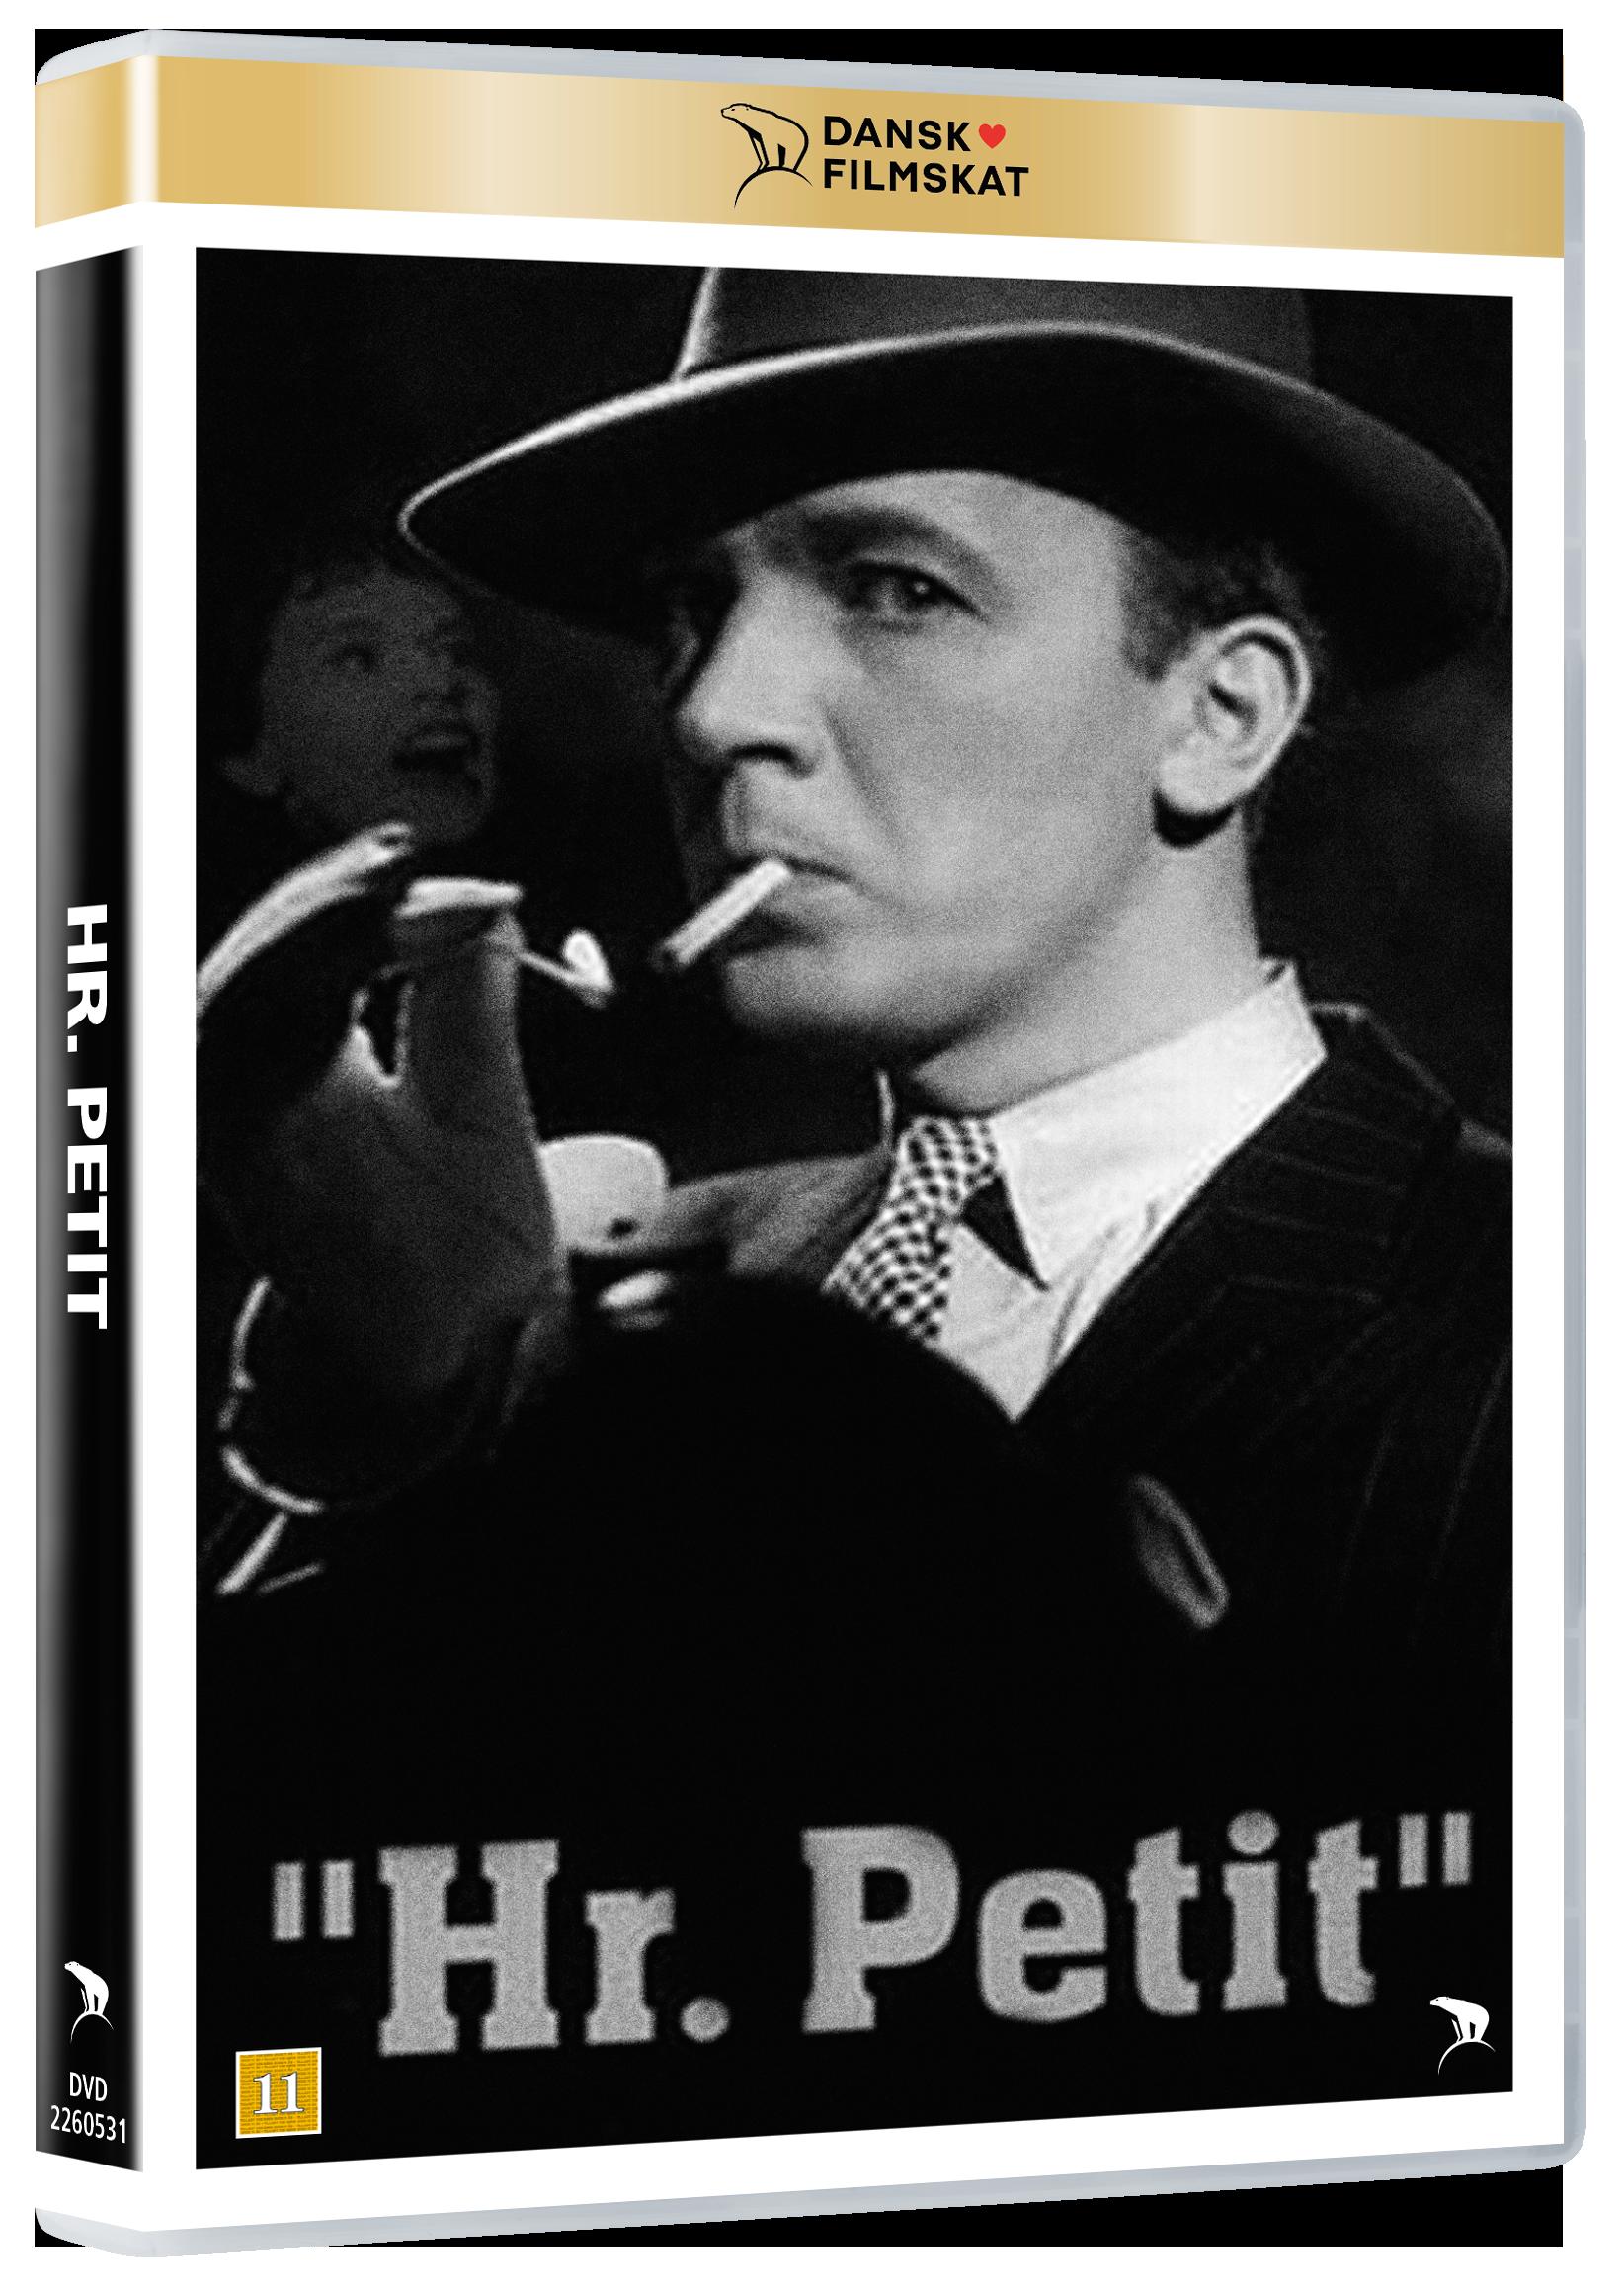 Hr. Petit